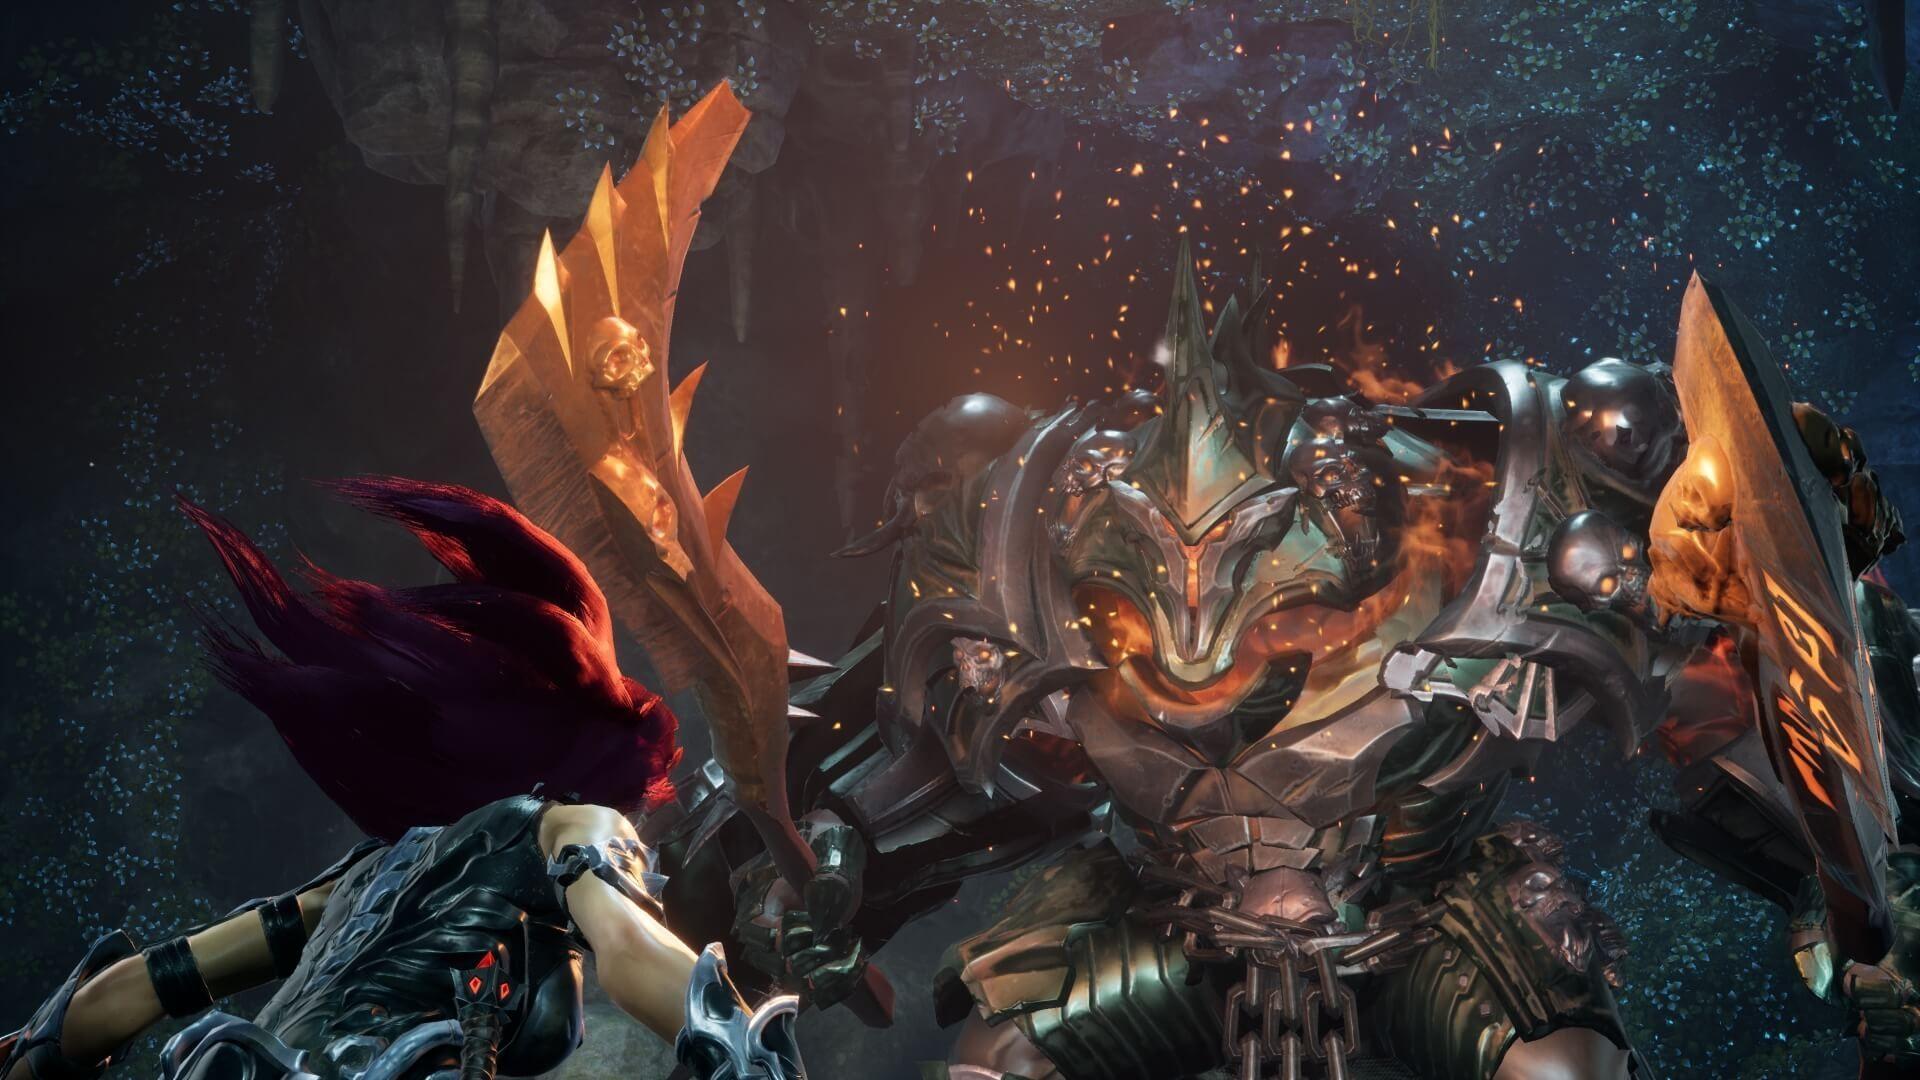 Darksiders III (Xbox One) - 8